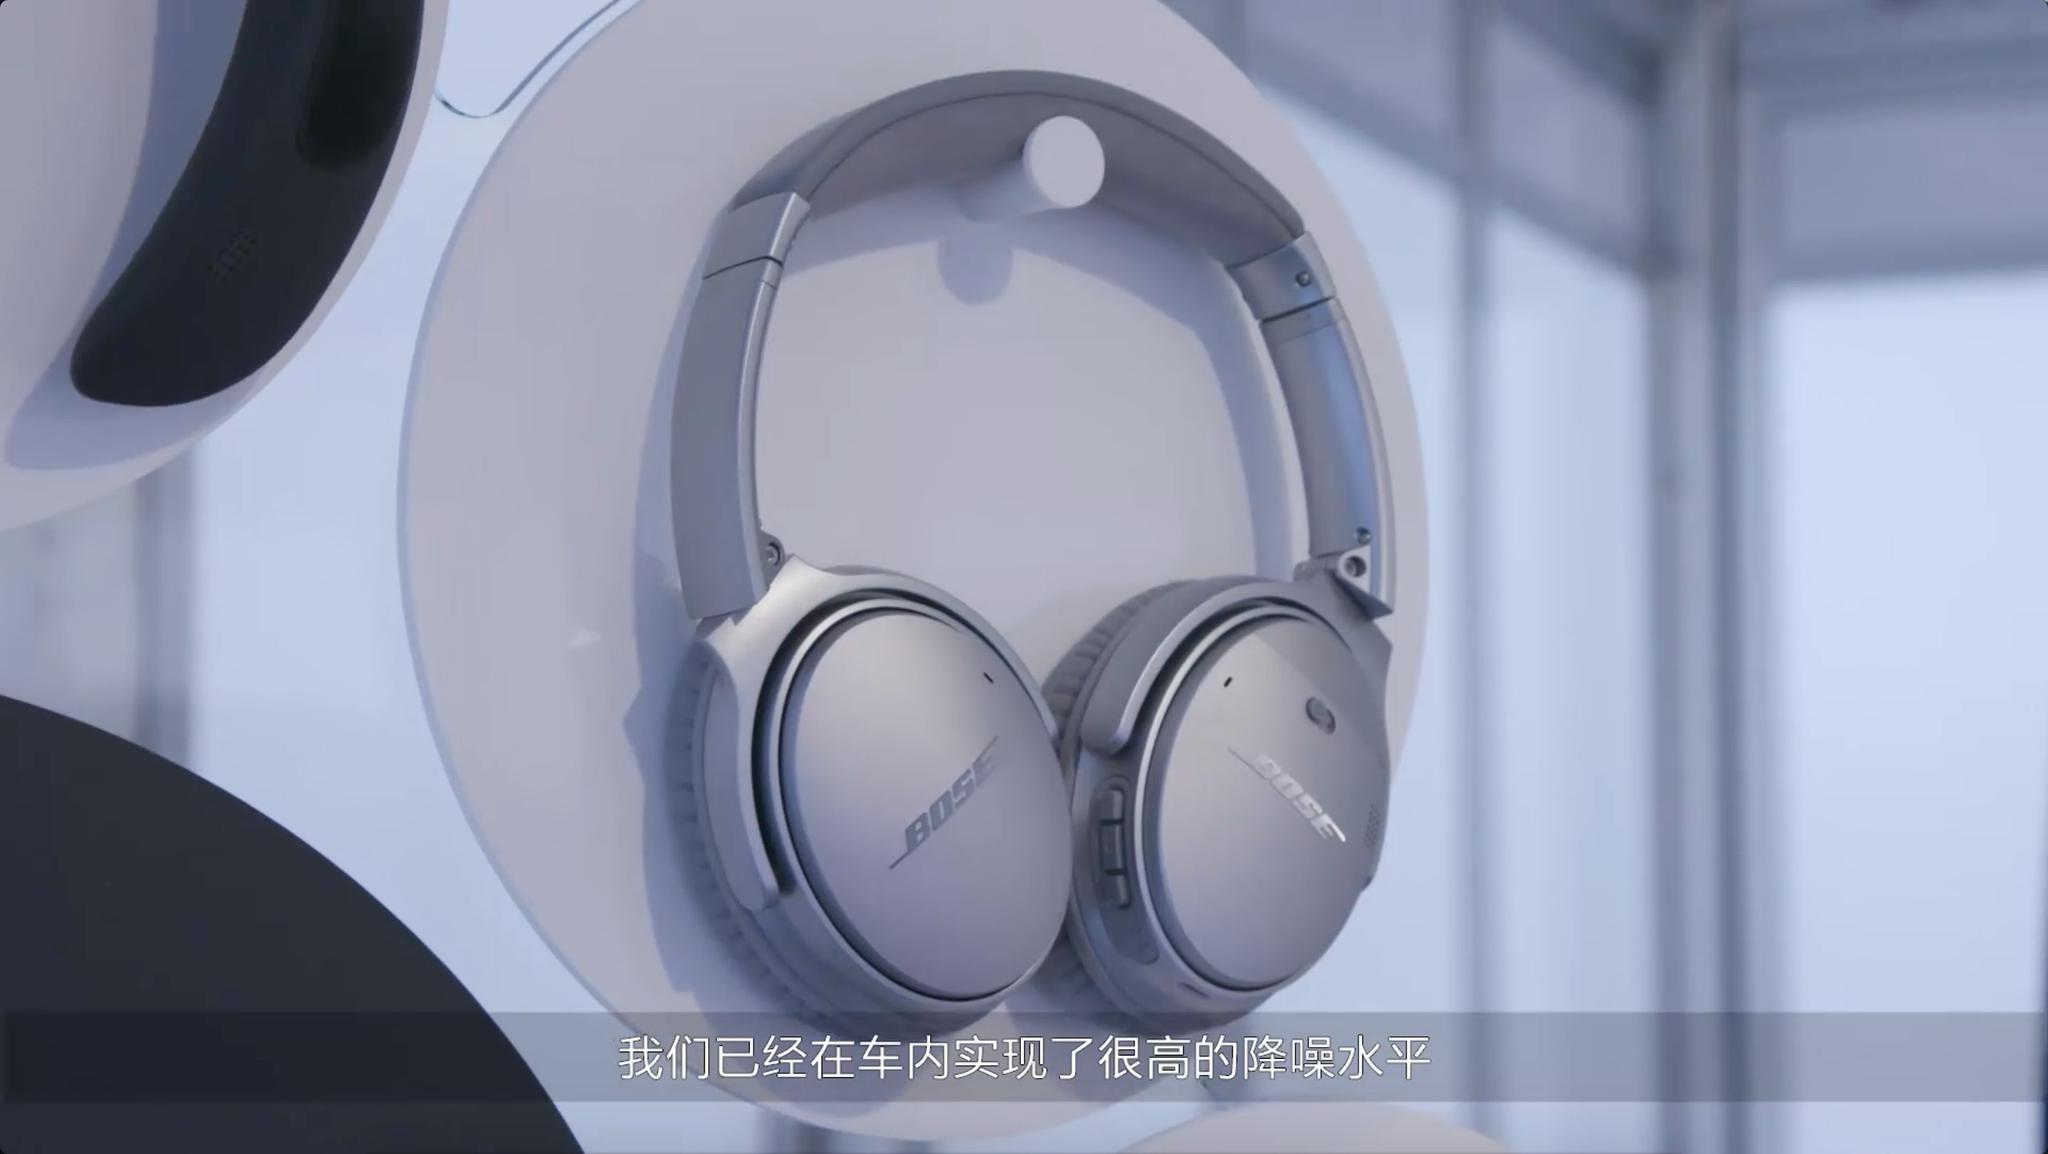 越来越多的人习惯在车内佩戴降噪耳机